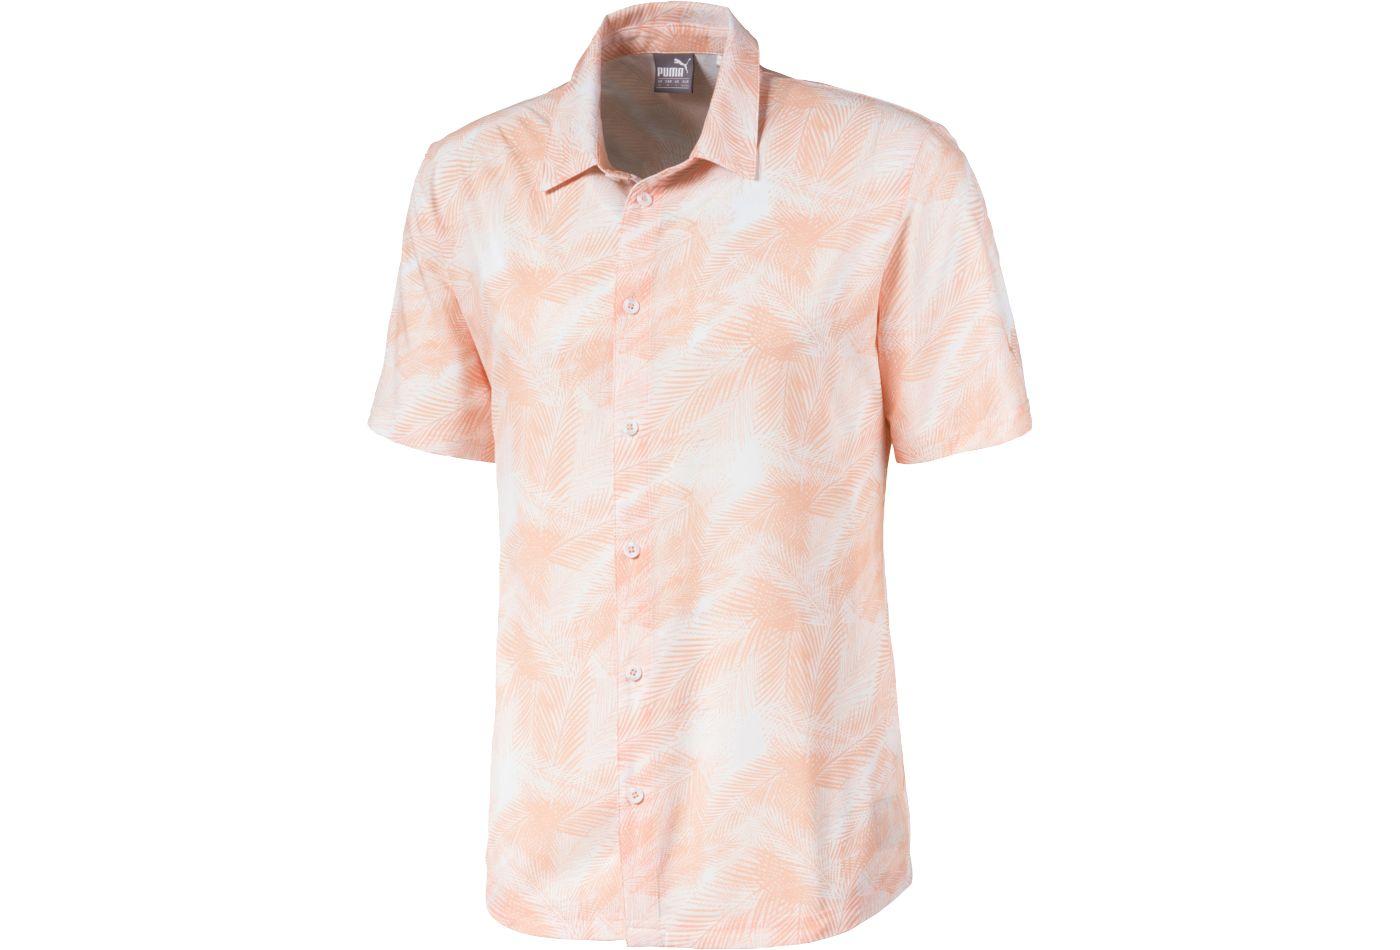 PUMA Men's Palms Button Down Golf Shirt